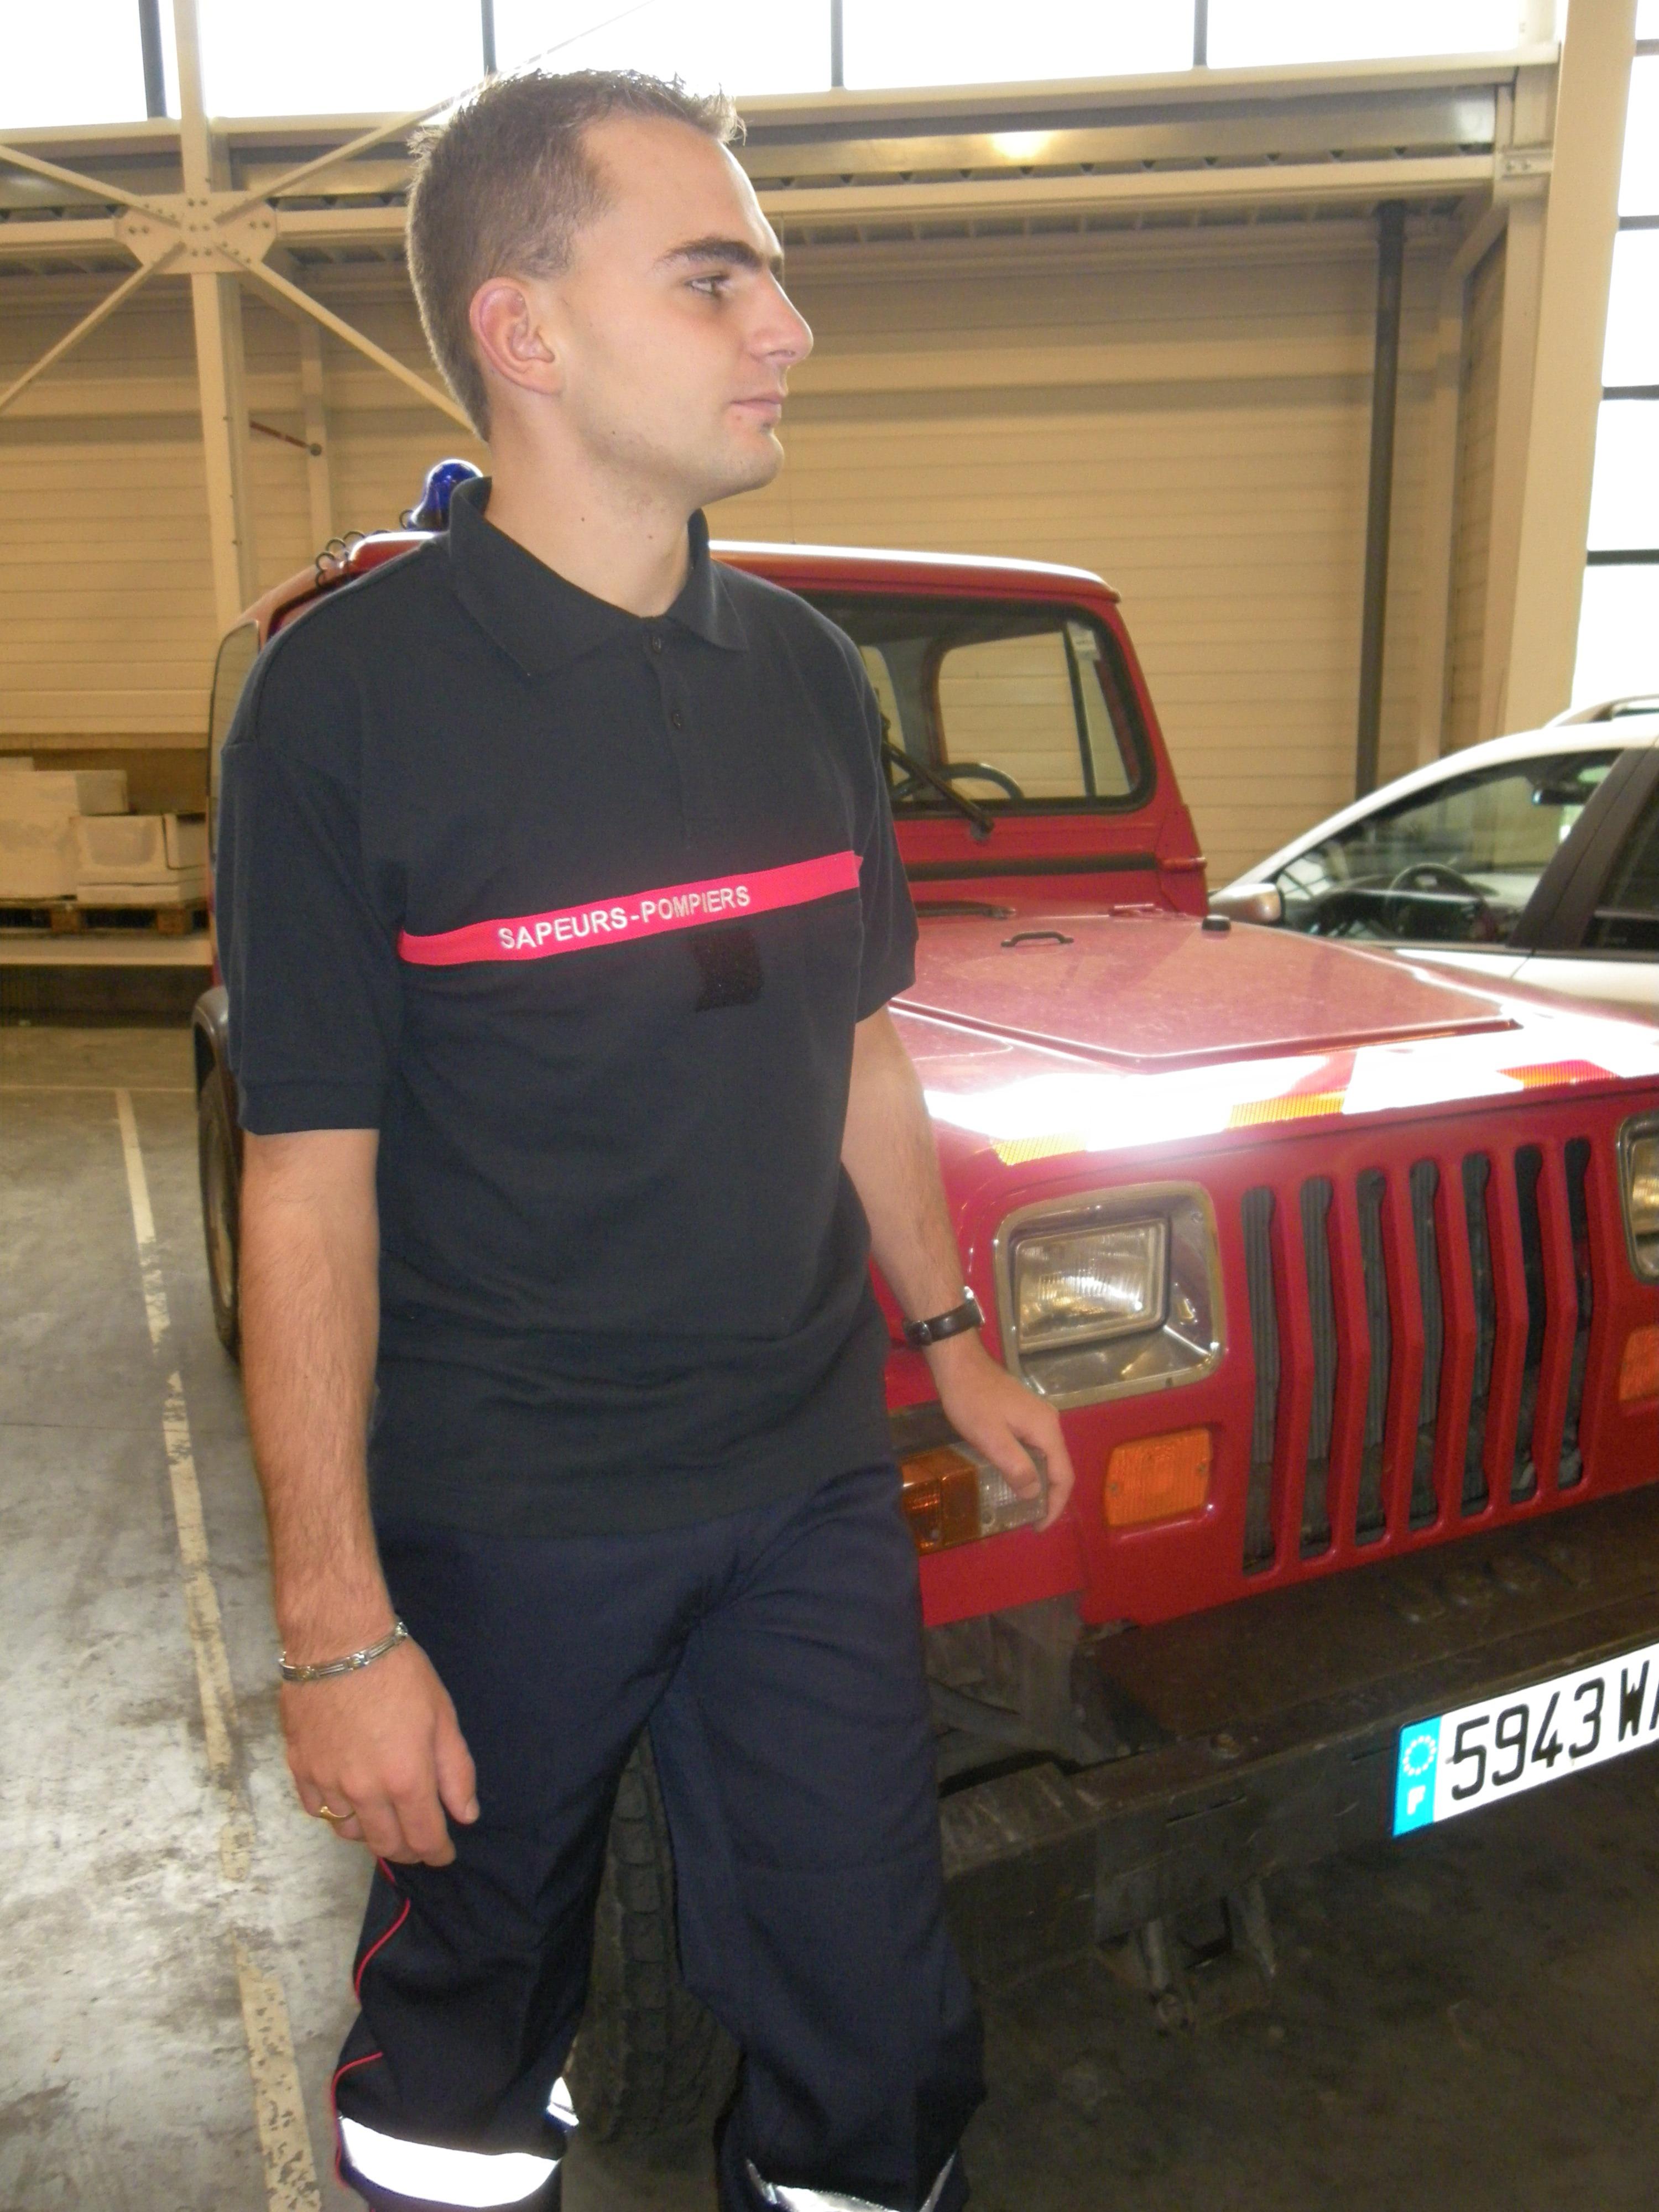 DBB Uniformes distributeur de tous les articles maille pour les Sapeurs-Pompiers